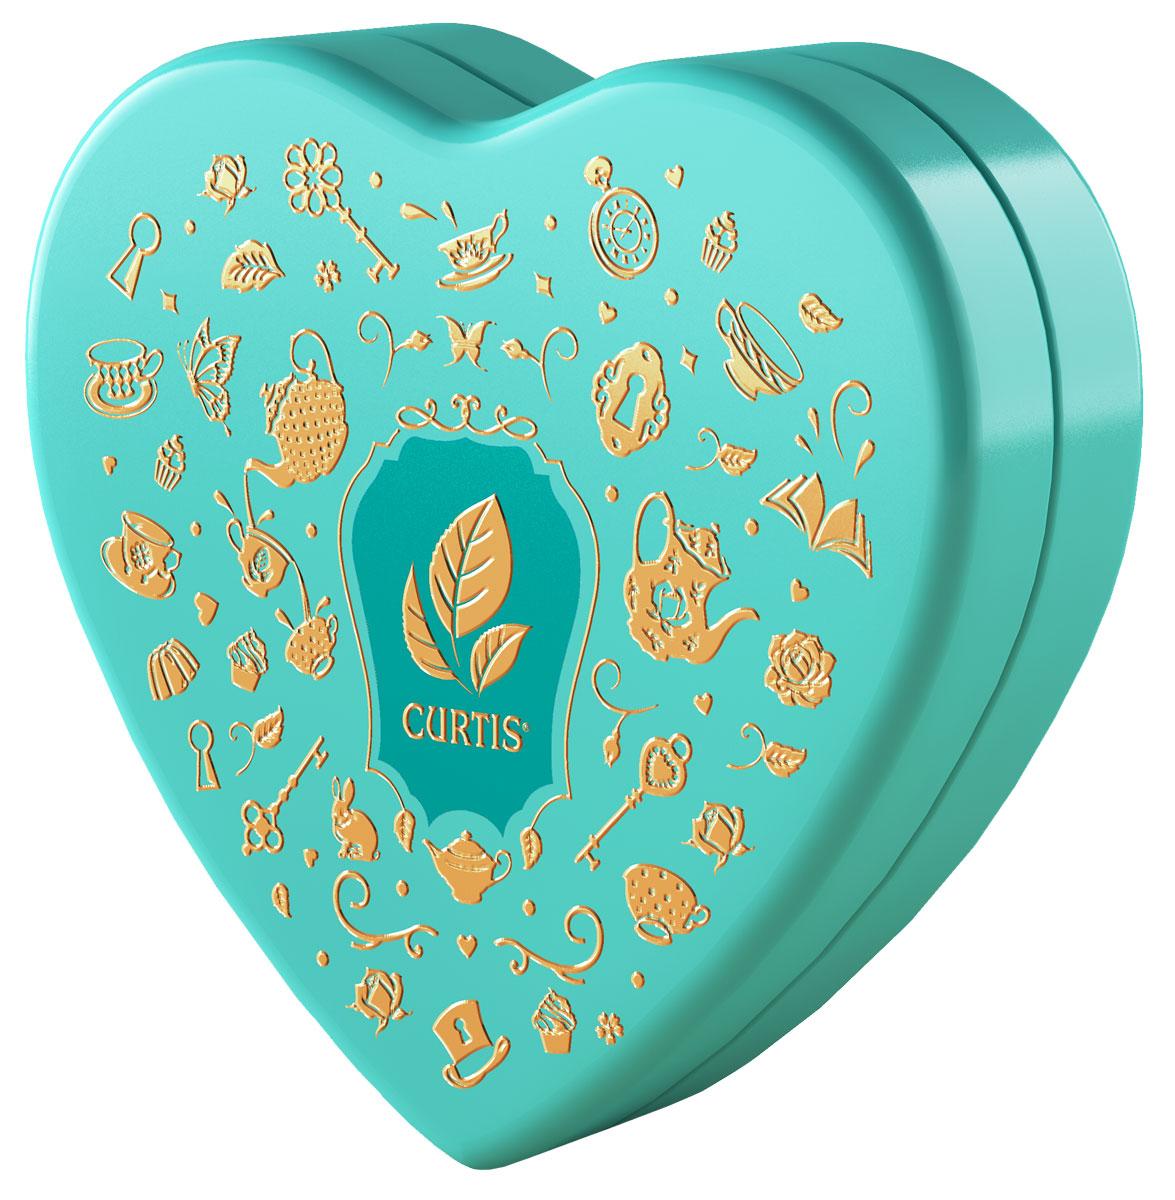 Curtis Wonderland Collection Sweet Heart чай черный ароматизированный, цвет коробки бирюзовый, 40 г цена 2017